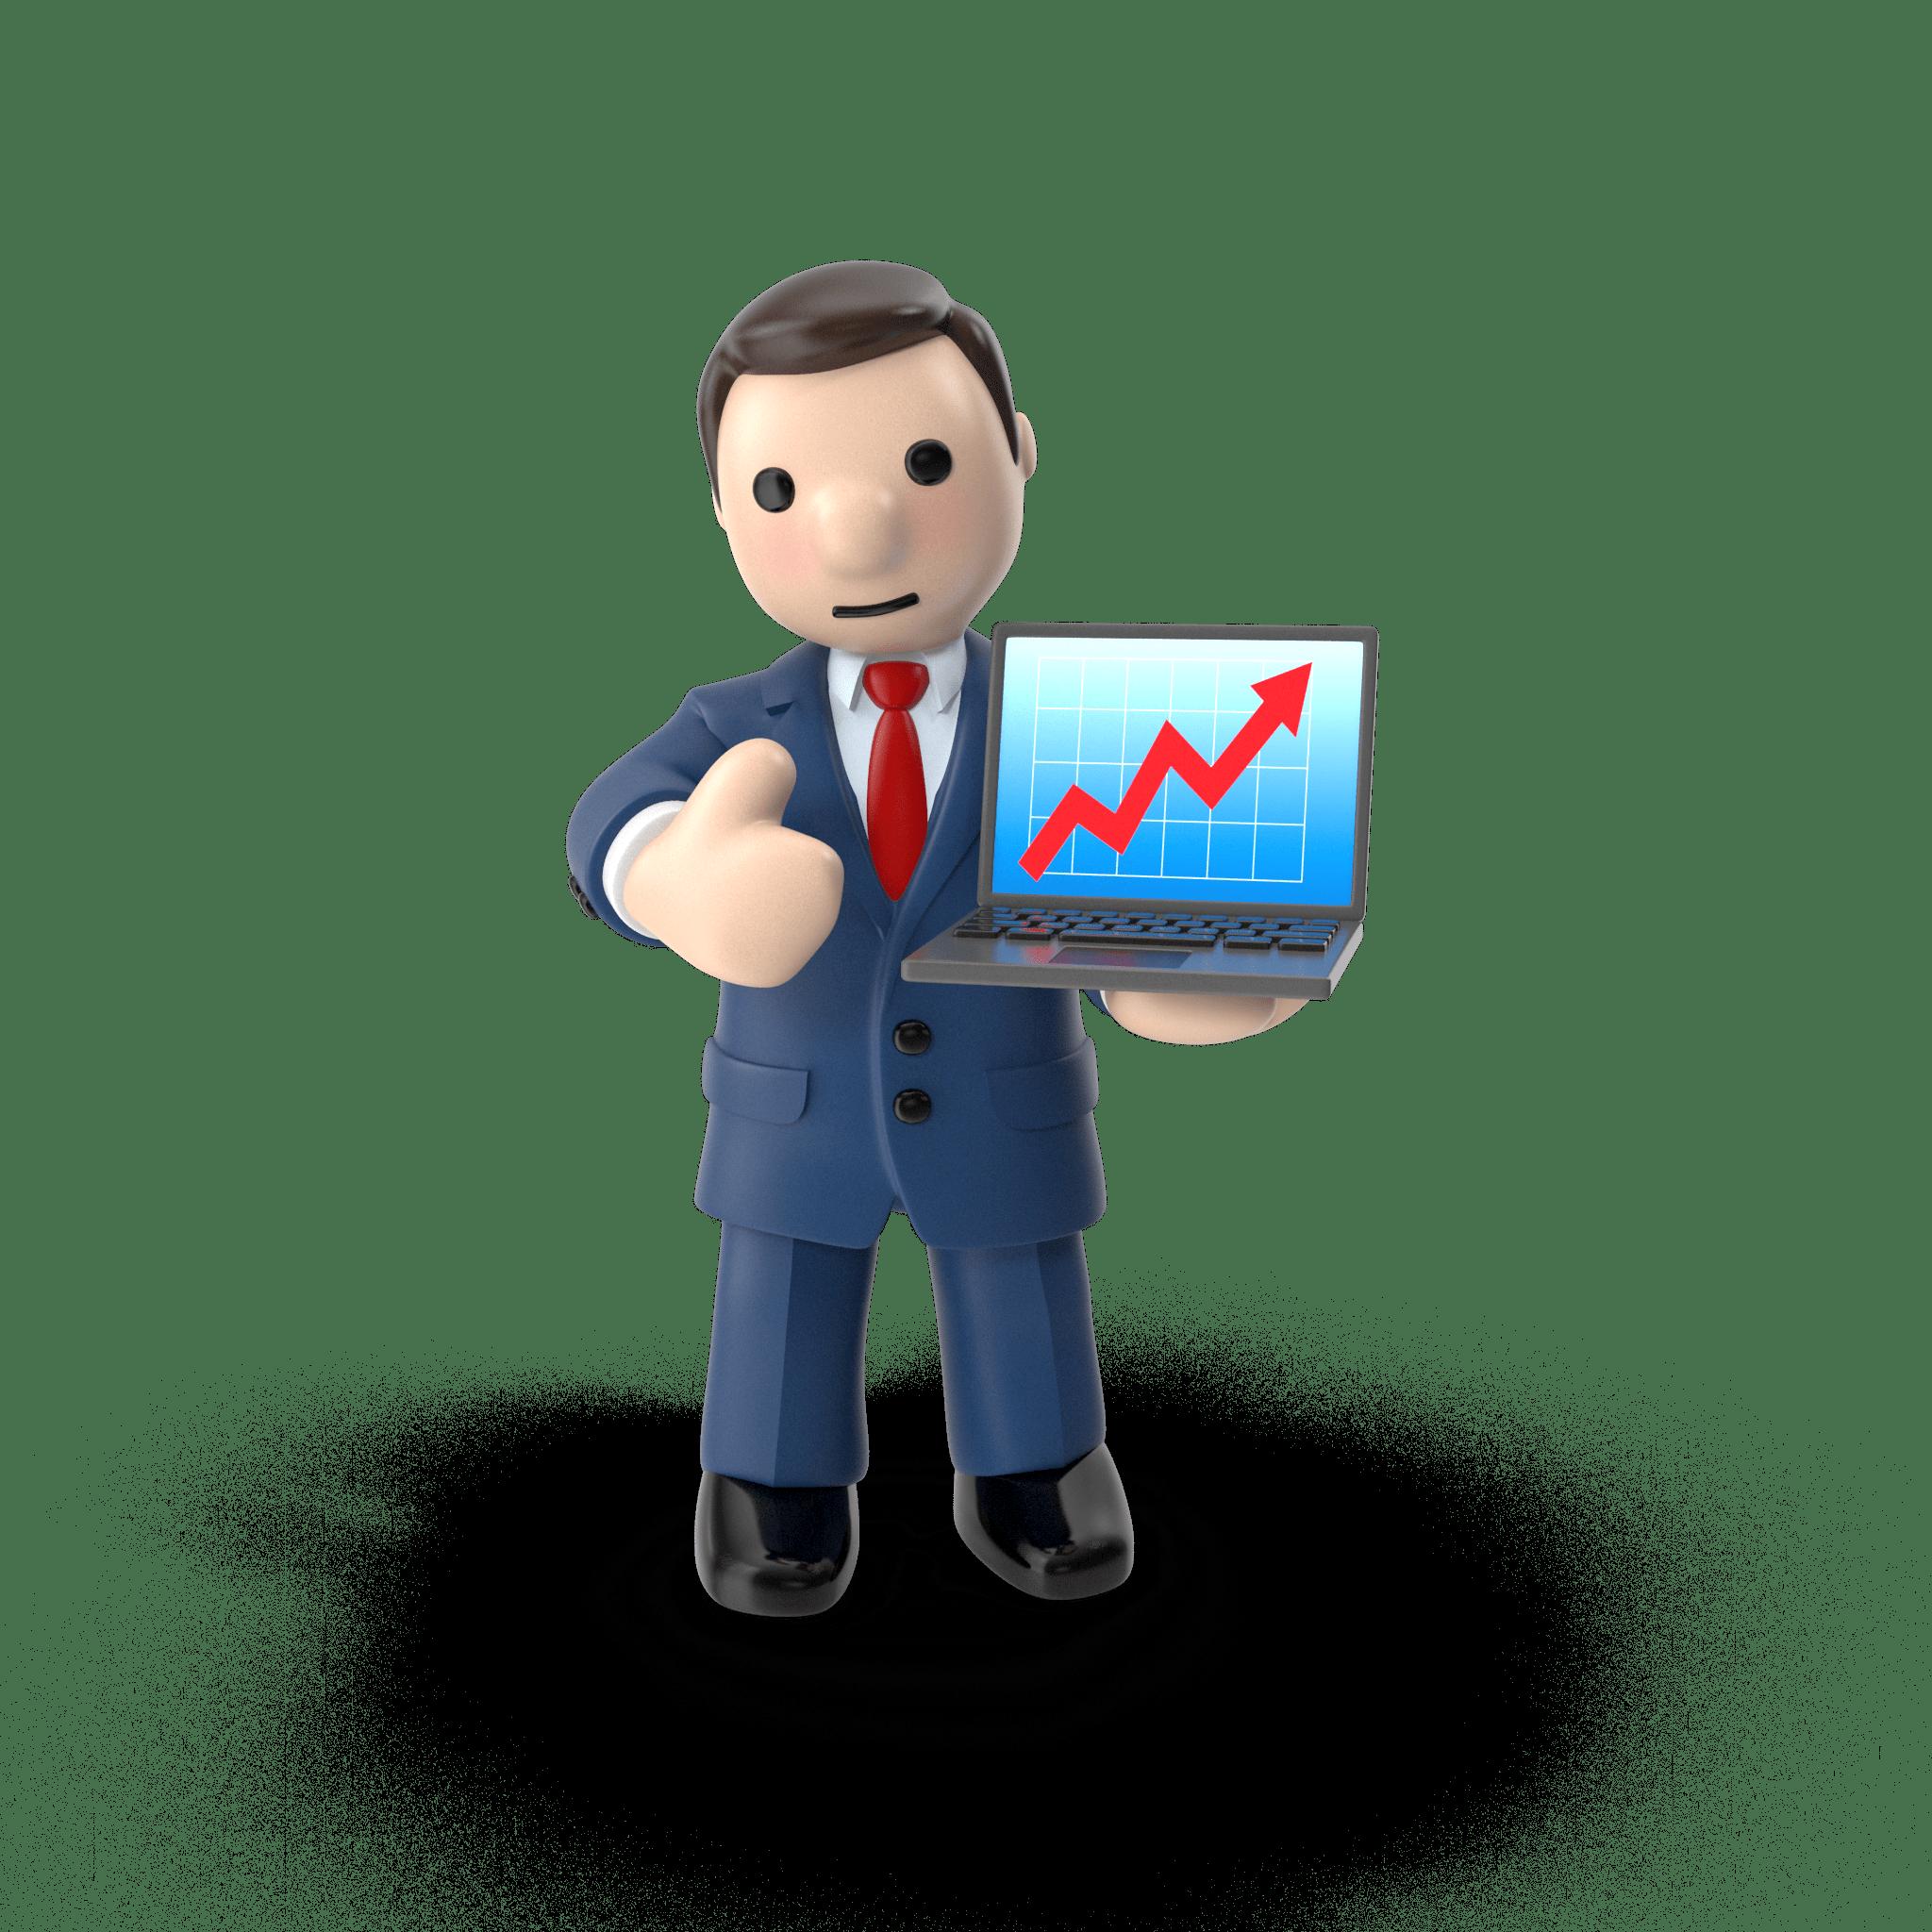 ¿Qué son las calificaciones de los analistas y cómo se interpretan?